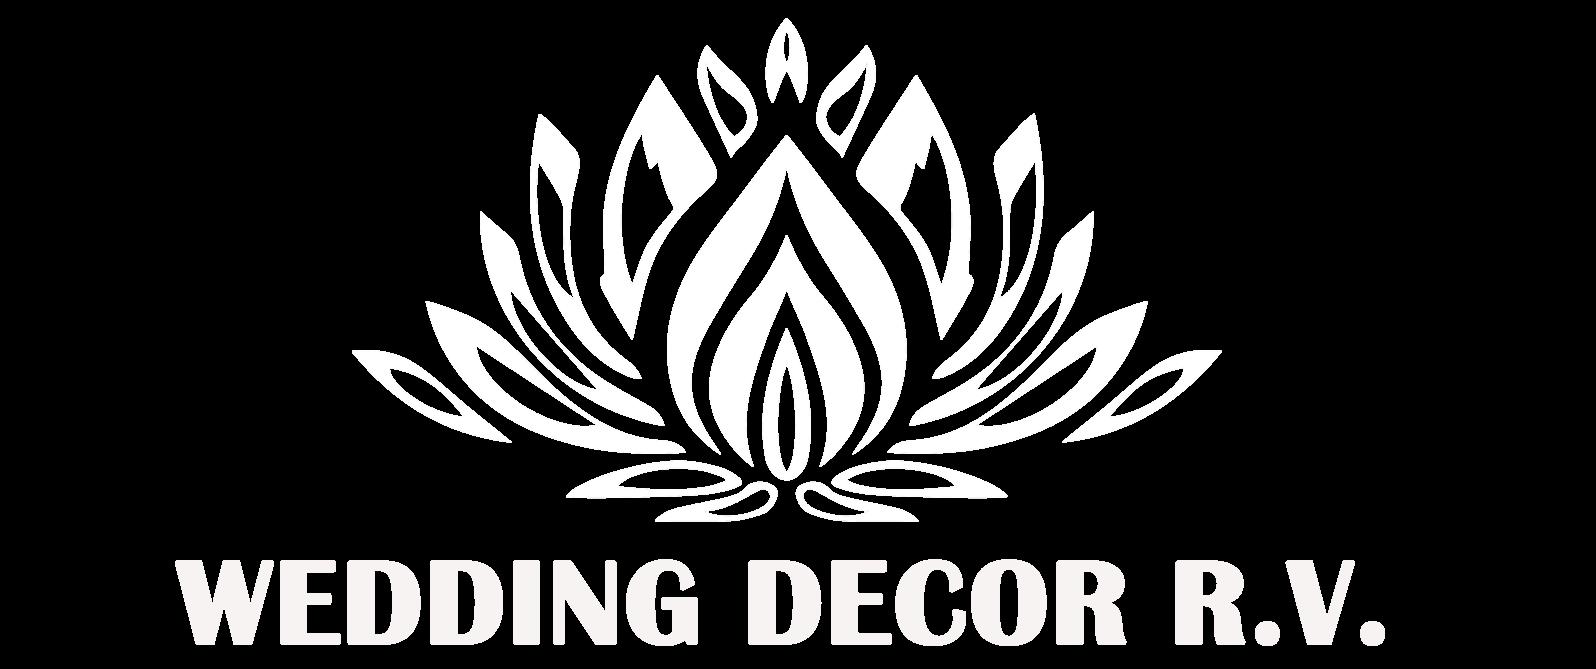 Wedding Decor R.V. Свадебный декор Харьков